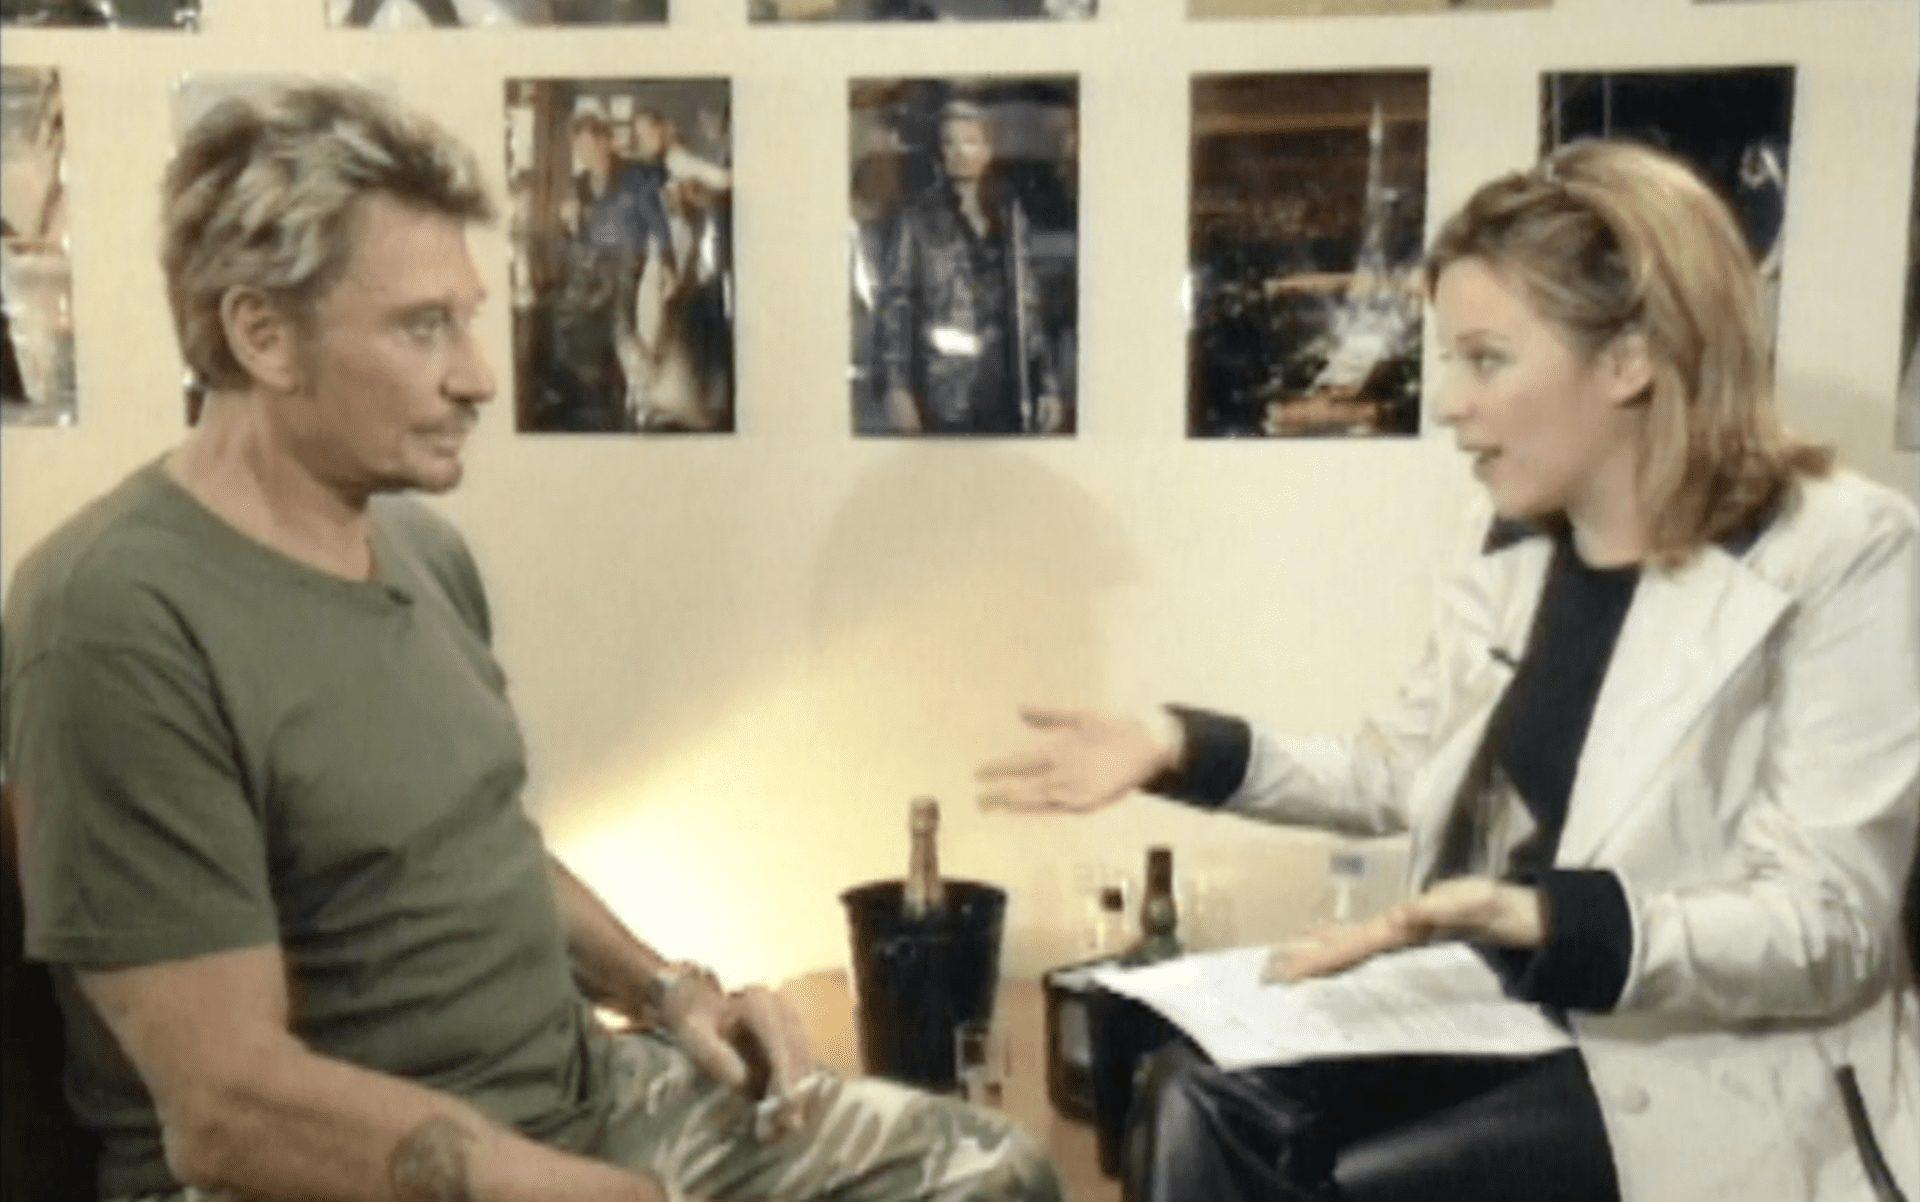 Johnny halliday allume le feu avec Julie Snyder